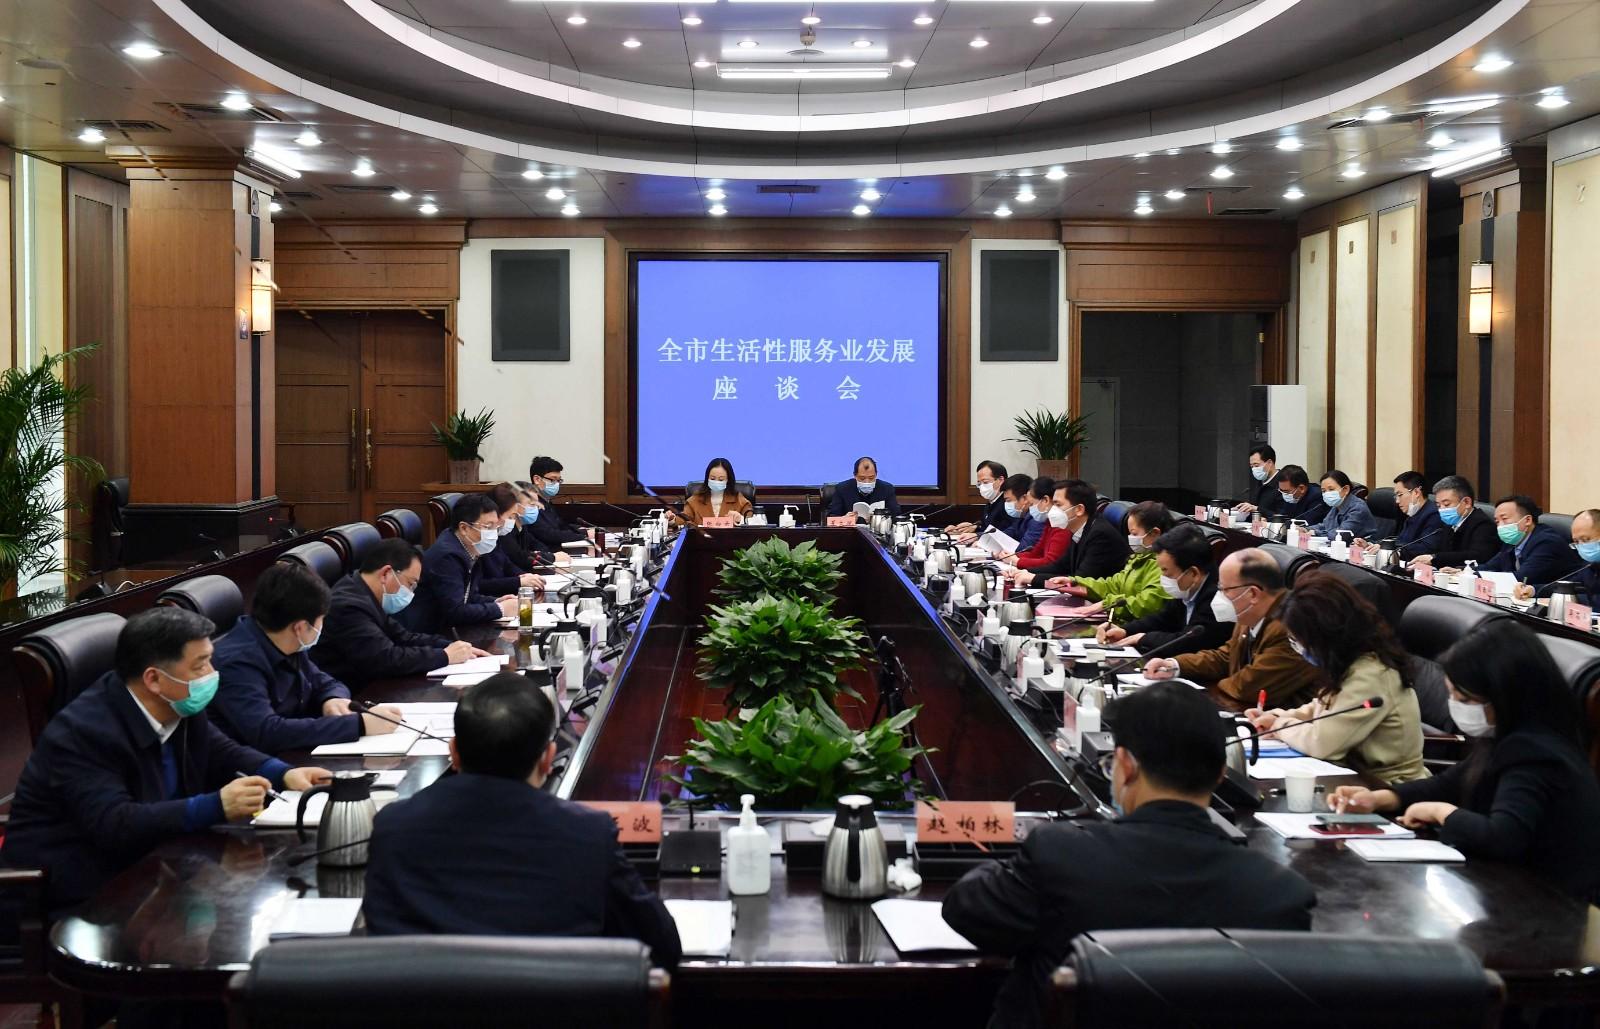 胡衡华鼓励生活性服务业企业:坚定信心 共渡难关!